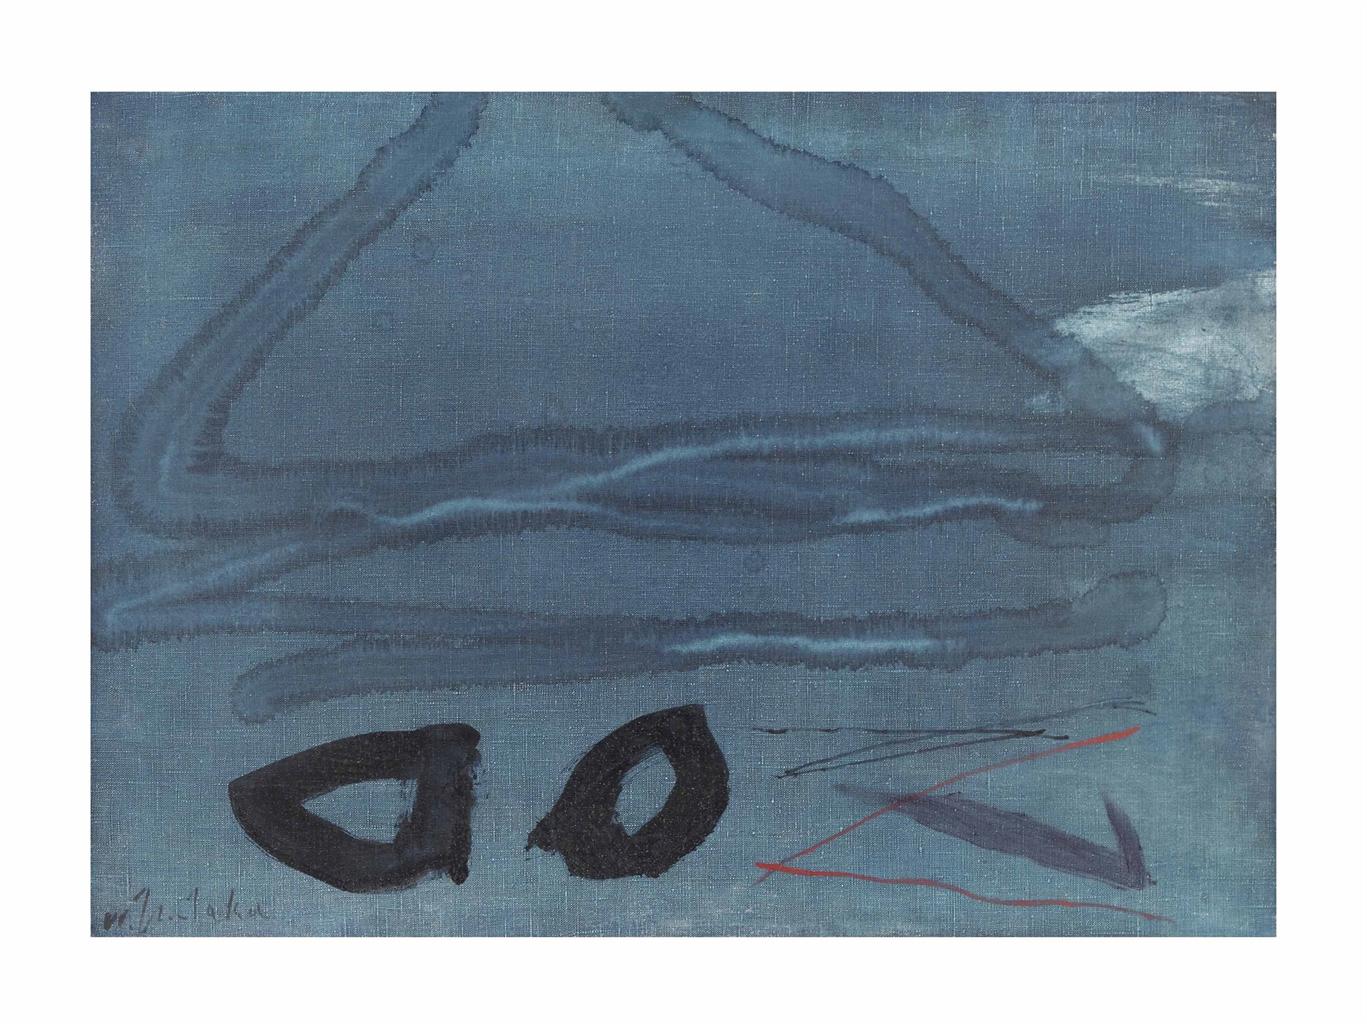 Waichi Tsutaka-Work, Blue no. 429-1966